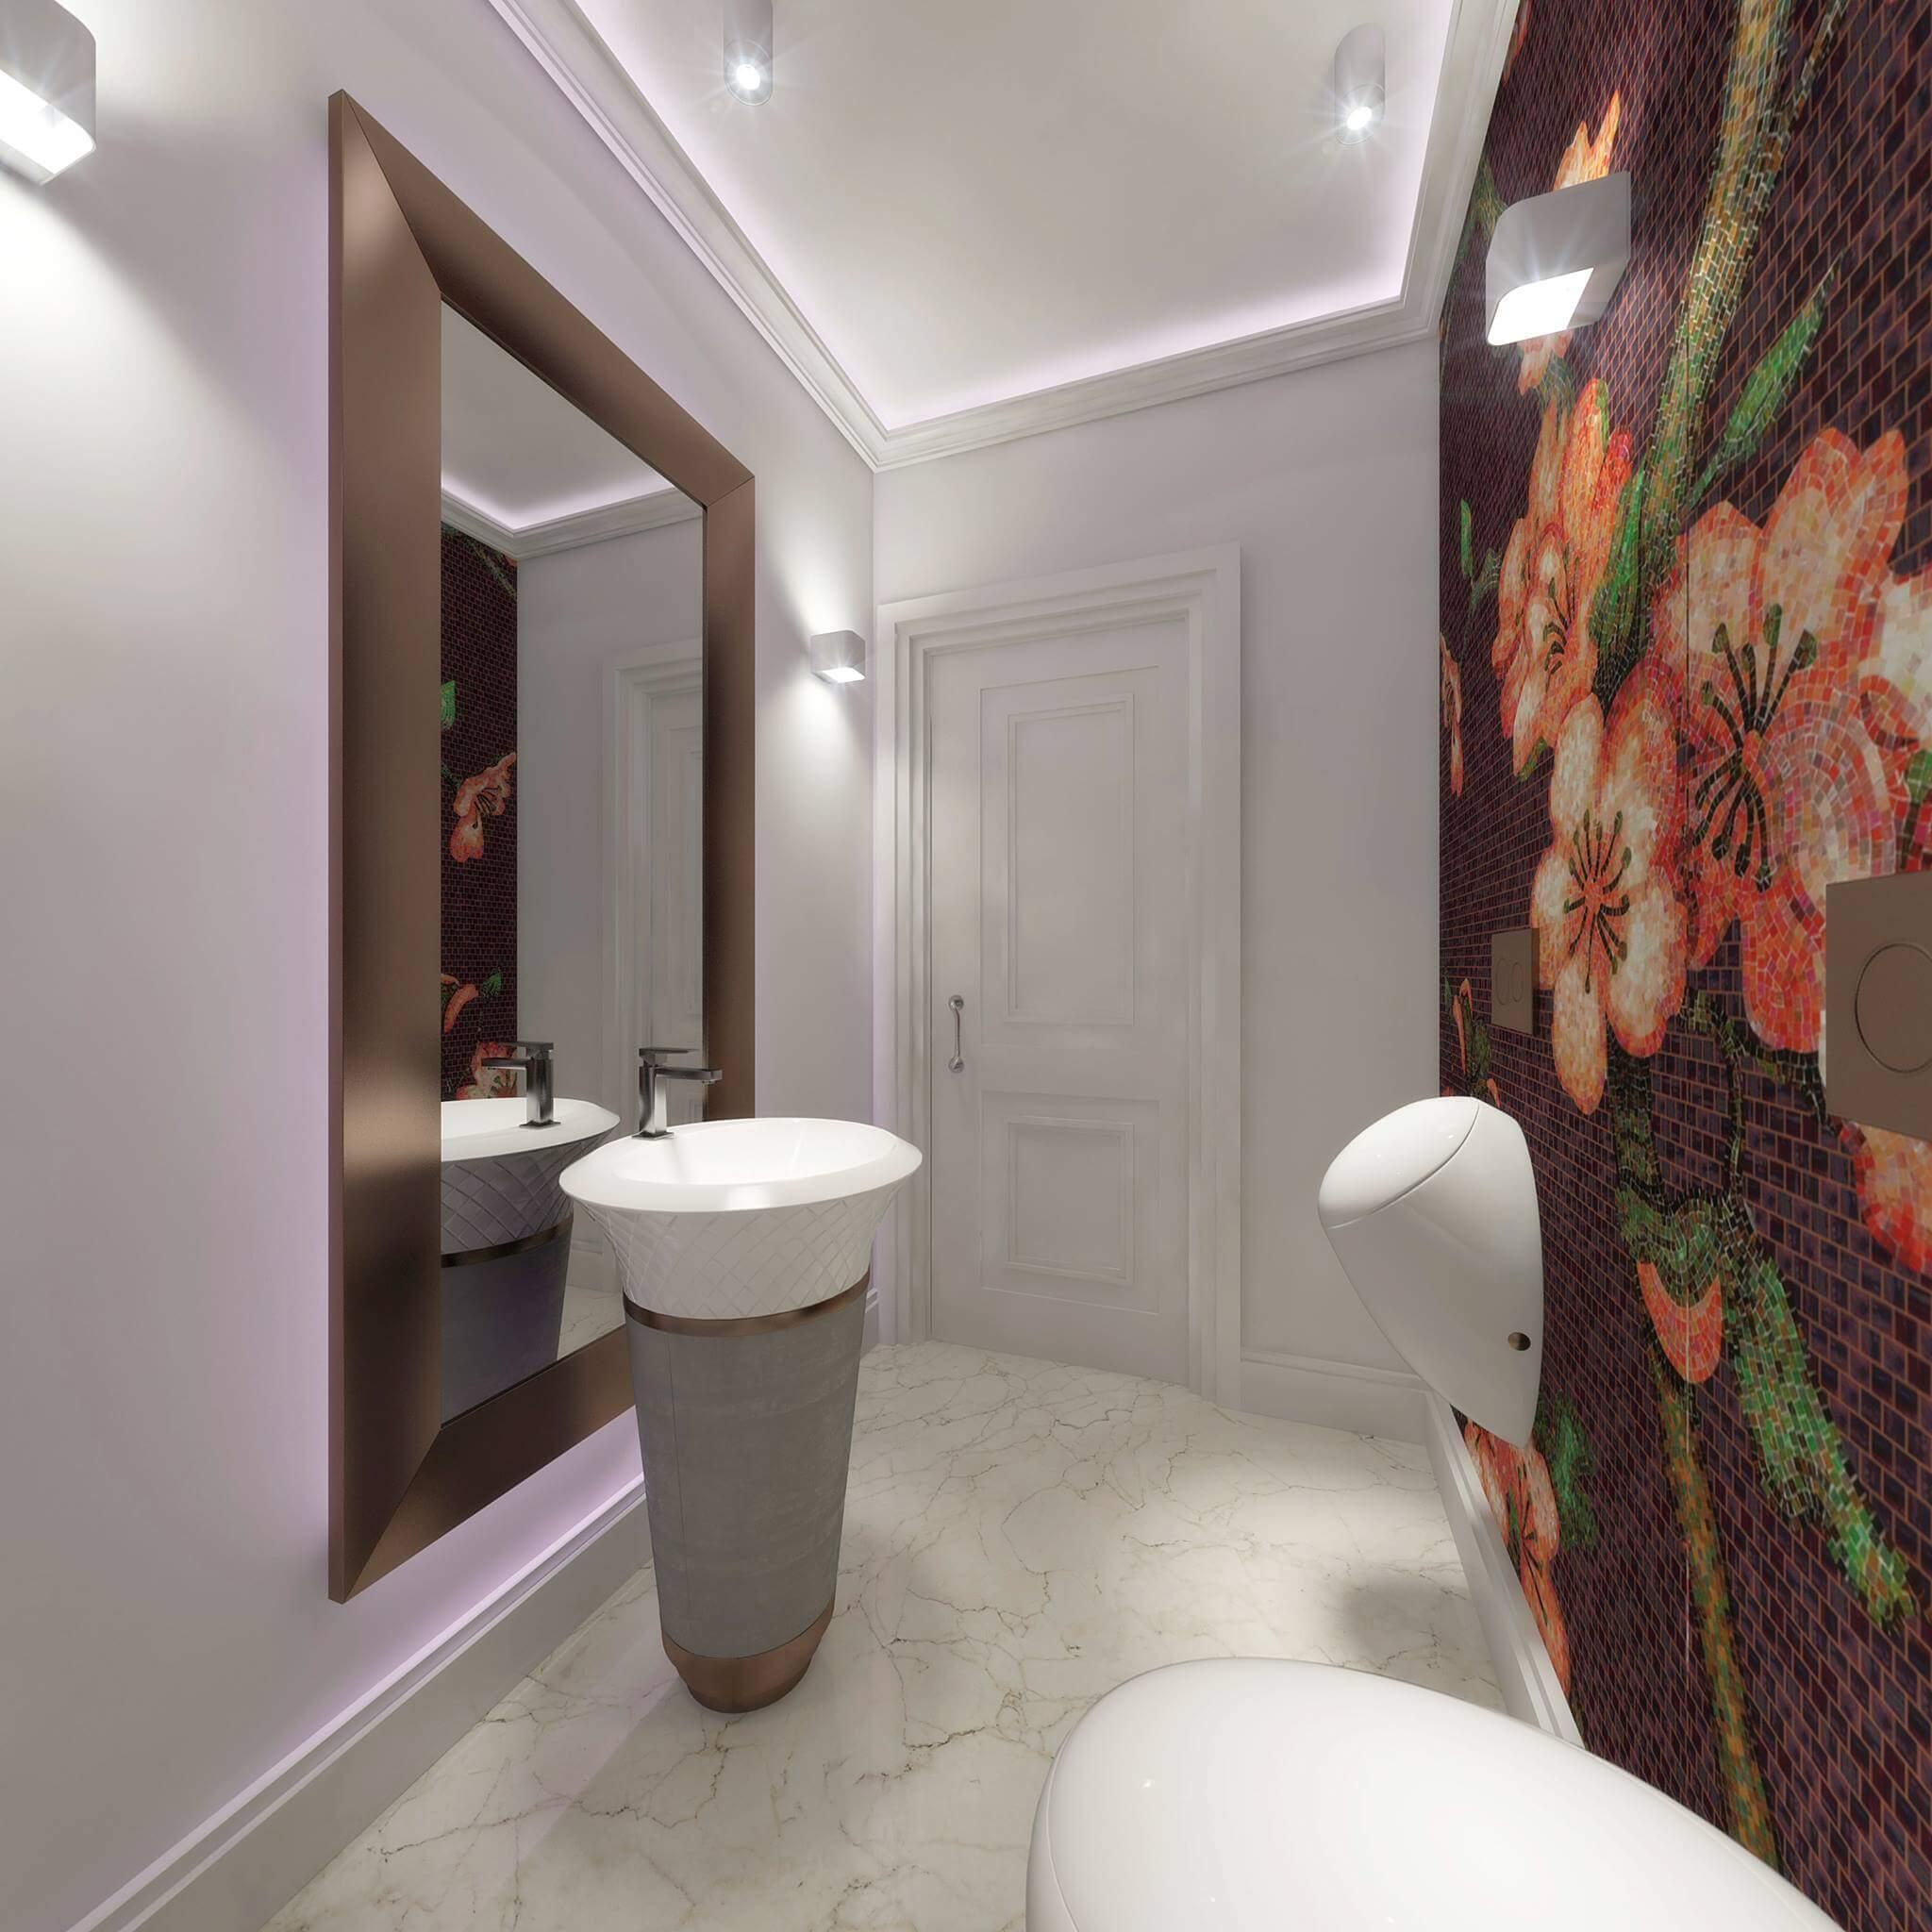 Bader Badezimmer | Moderne Badezimmer Moderne Bäder Badezimmer Ideen